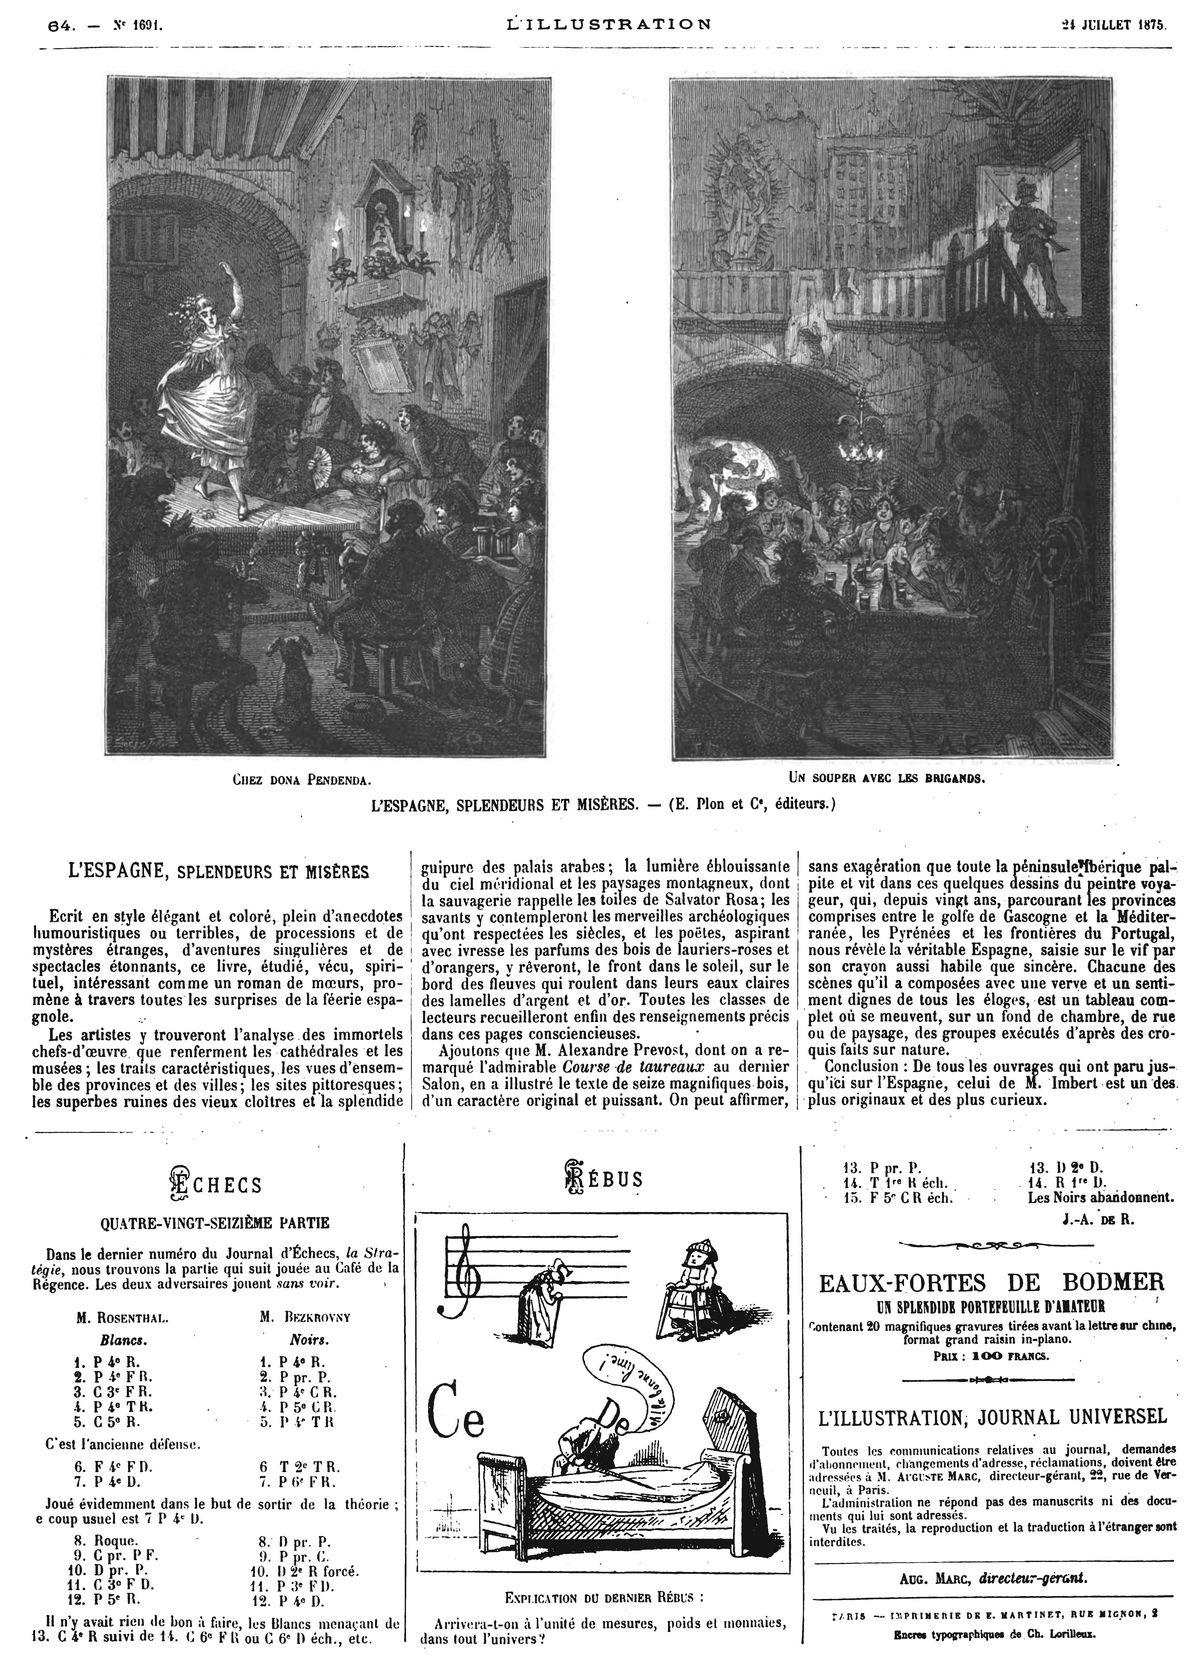 L'Espagne, splendeurs et misères (2 gravures).